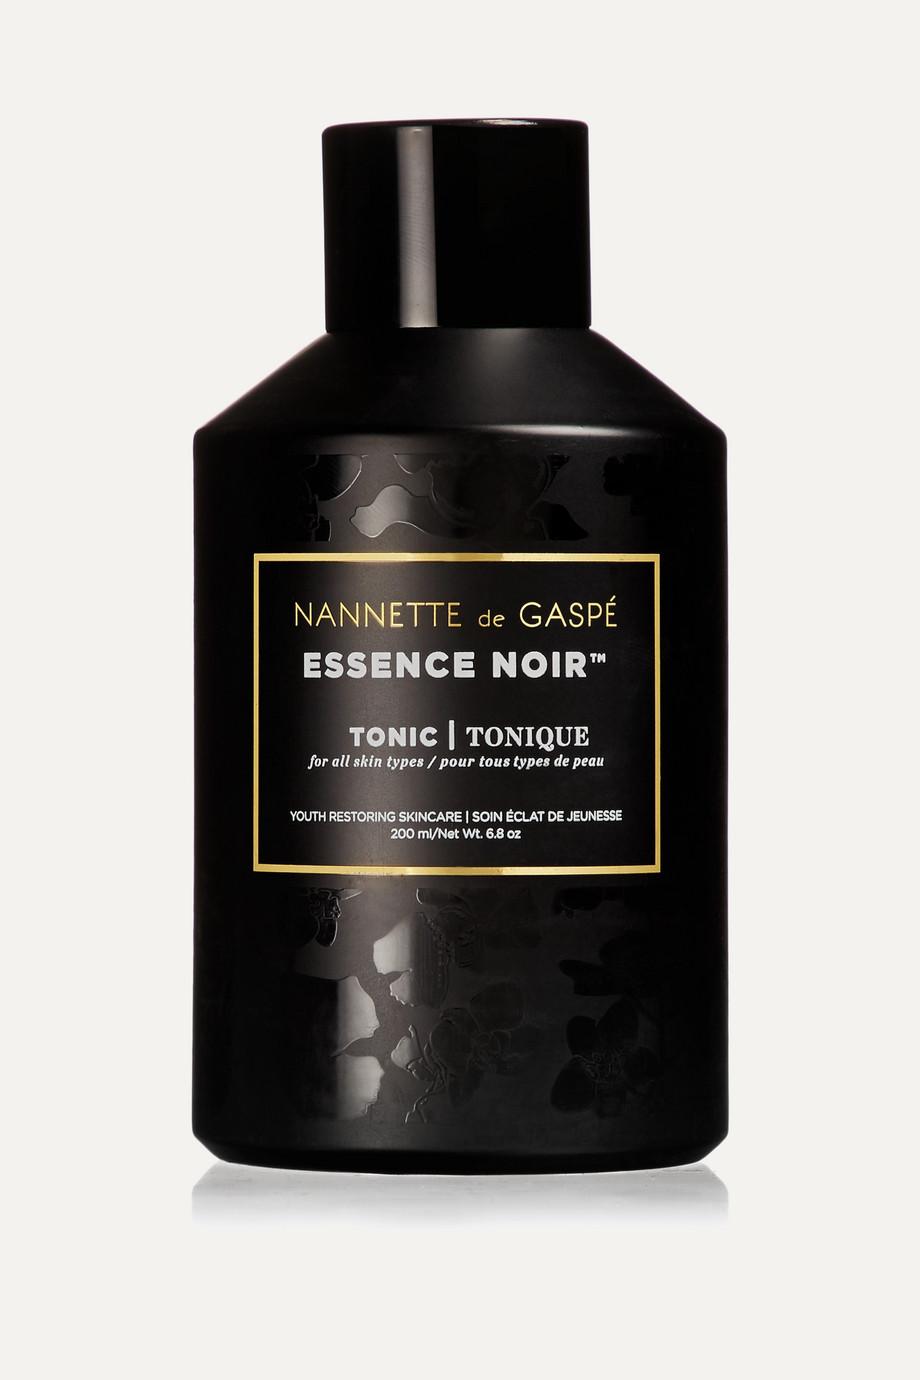 Nannette de Gaspé Art of Noir – Essence Noir Tonic, 200 ml – Toner